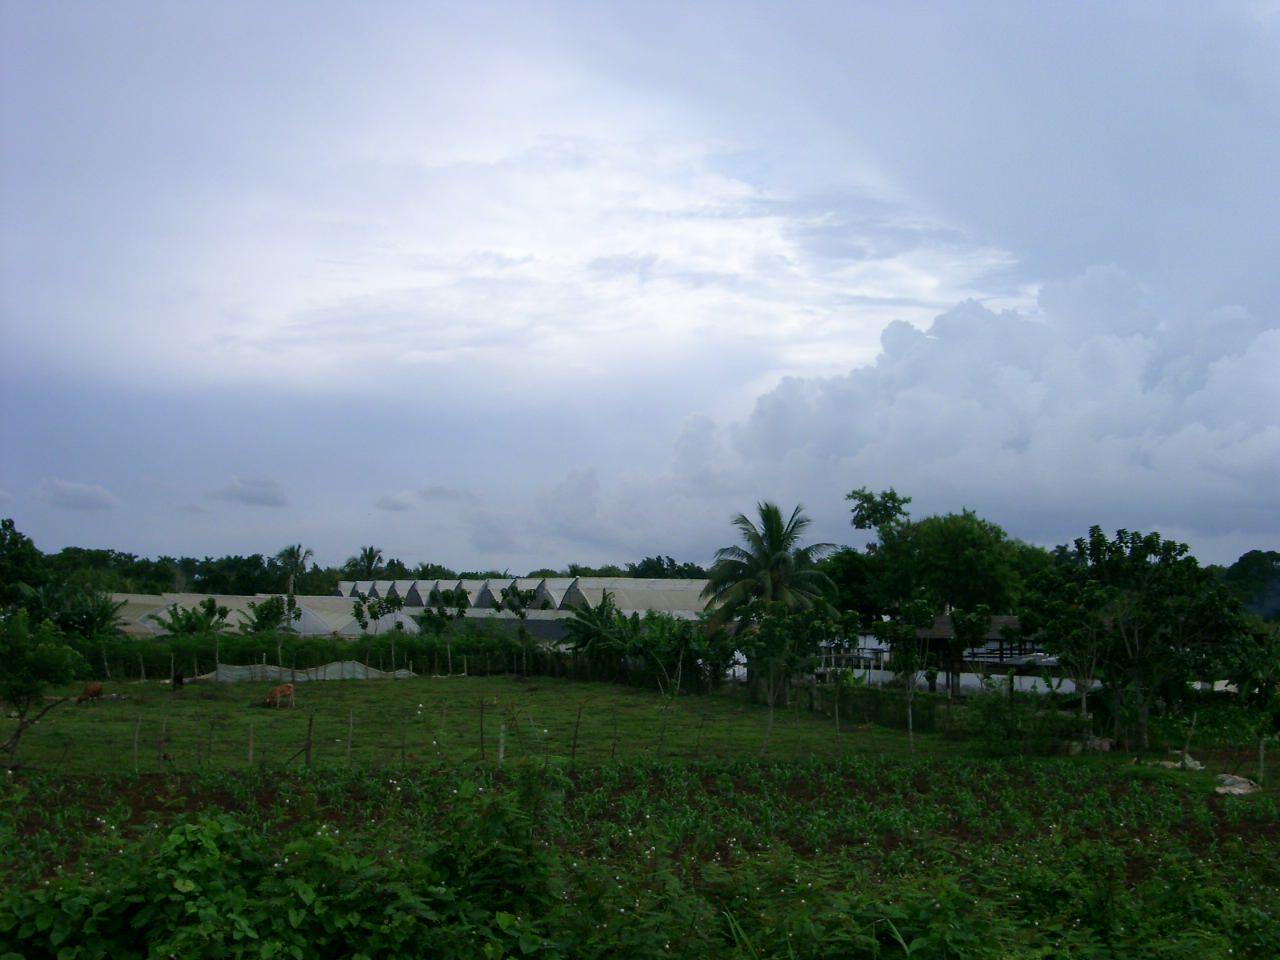 Кубинские парники и территория за забором части, фото 1